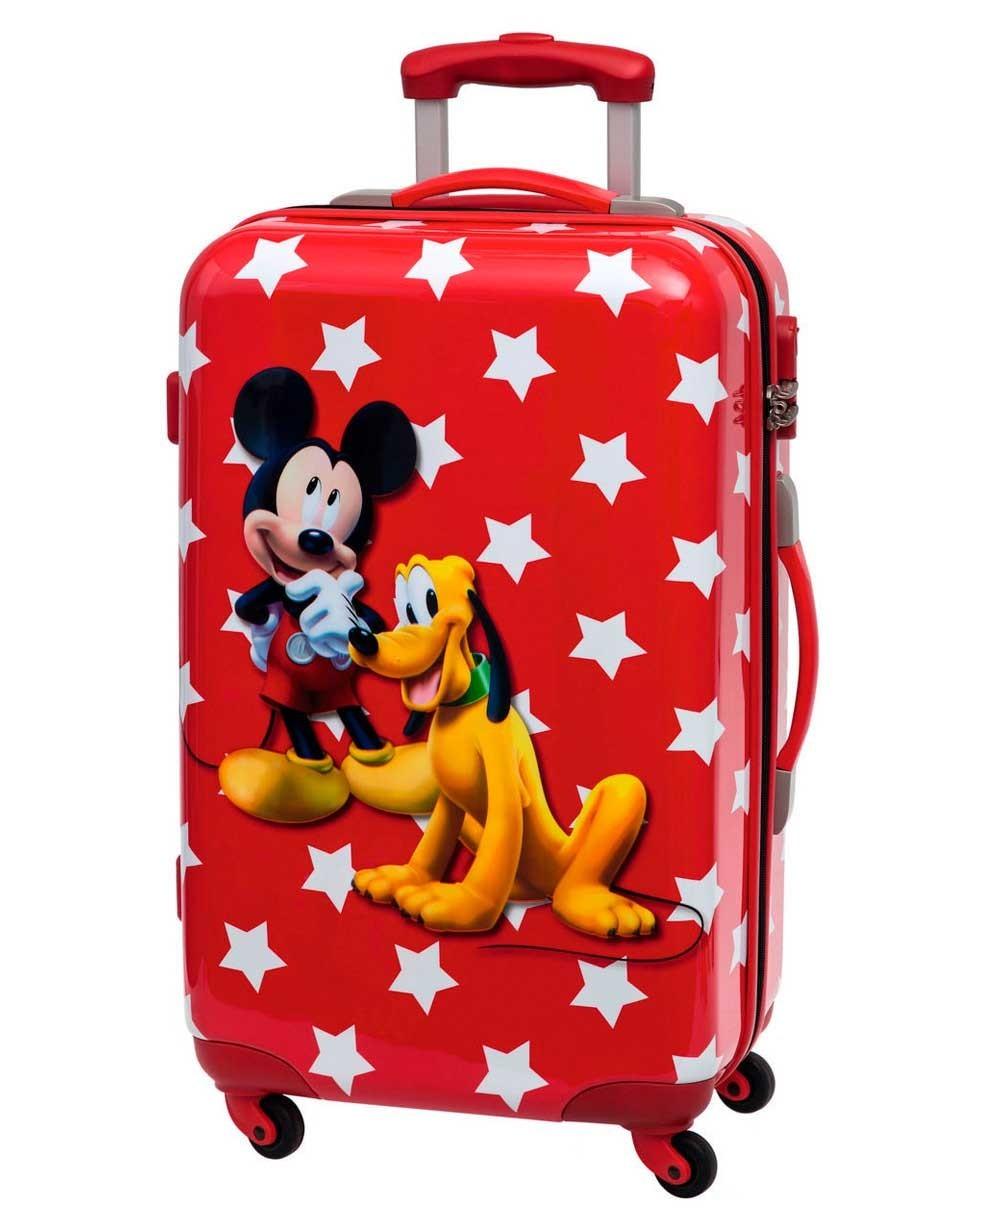 Mickey & Pluto Stars Maleta mediana Roja (Foto )